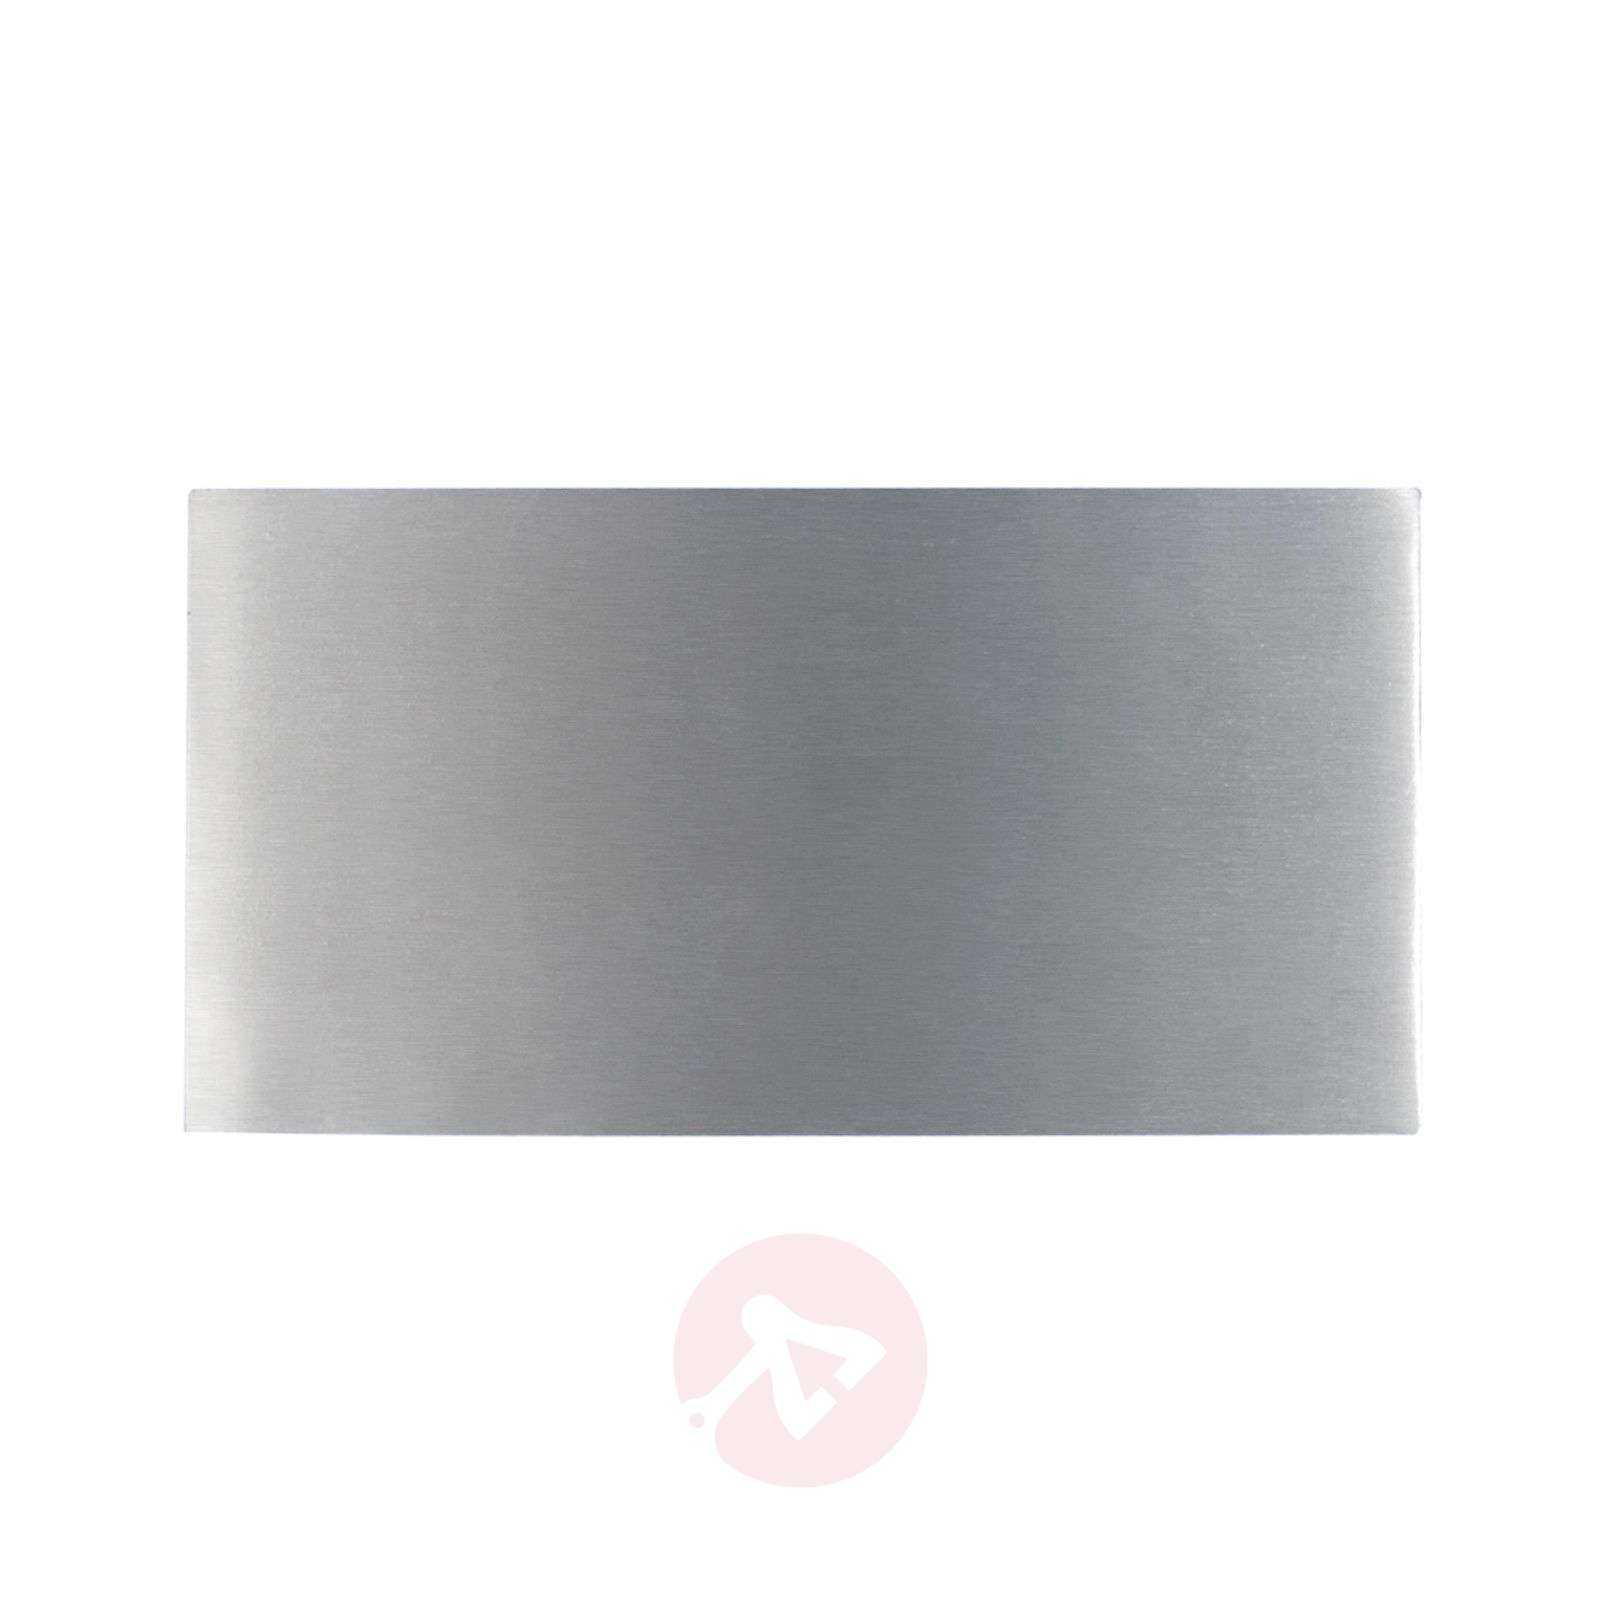 Sisä ja ulkotilojen Stream-LED-seinävalo alumiini-1554051-04